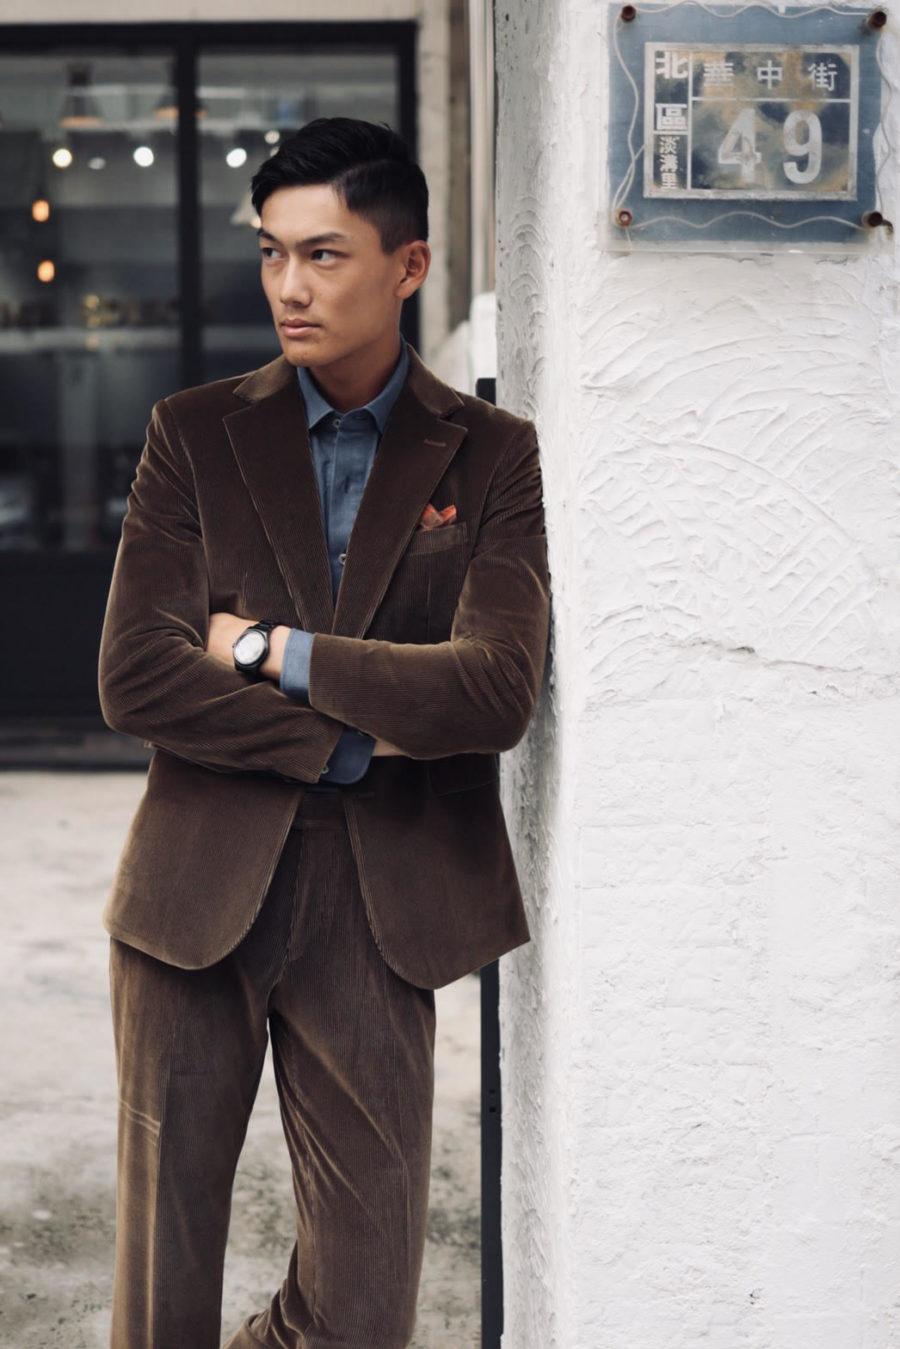 『台中西裝推薦』Mr. Edison suit 愛迪生訂製西裝-到底要怎麼穿好西裝呢